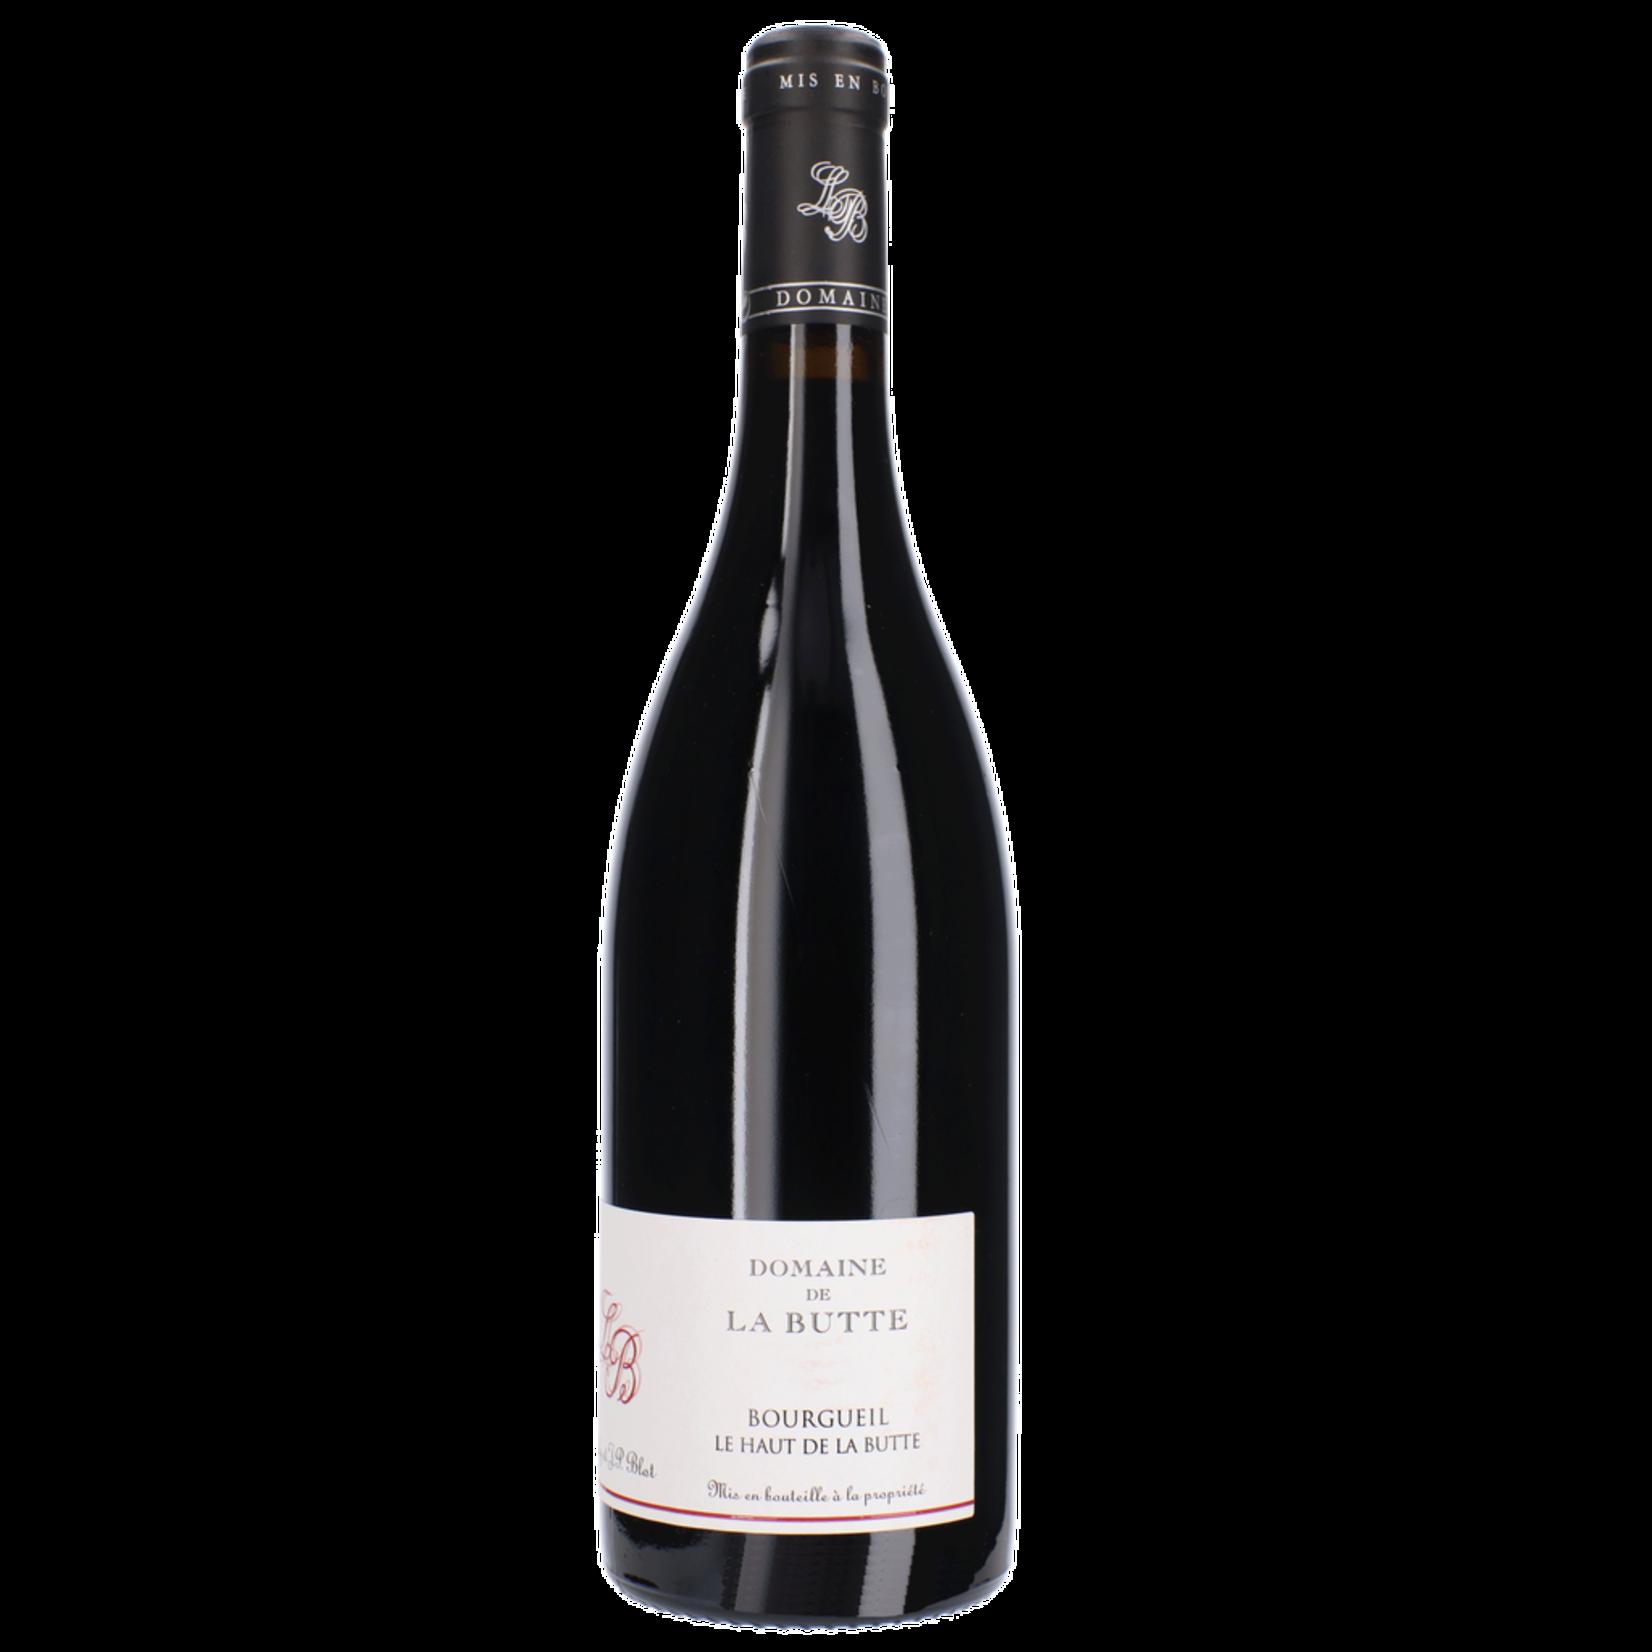 Wine Domaine de la Butte Bourgueil le Haut de la Butte 2019